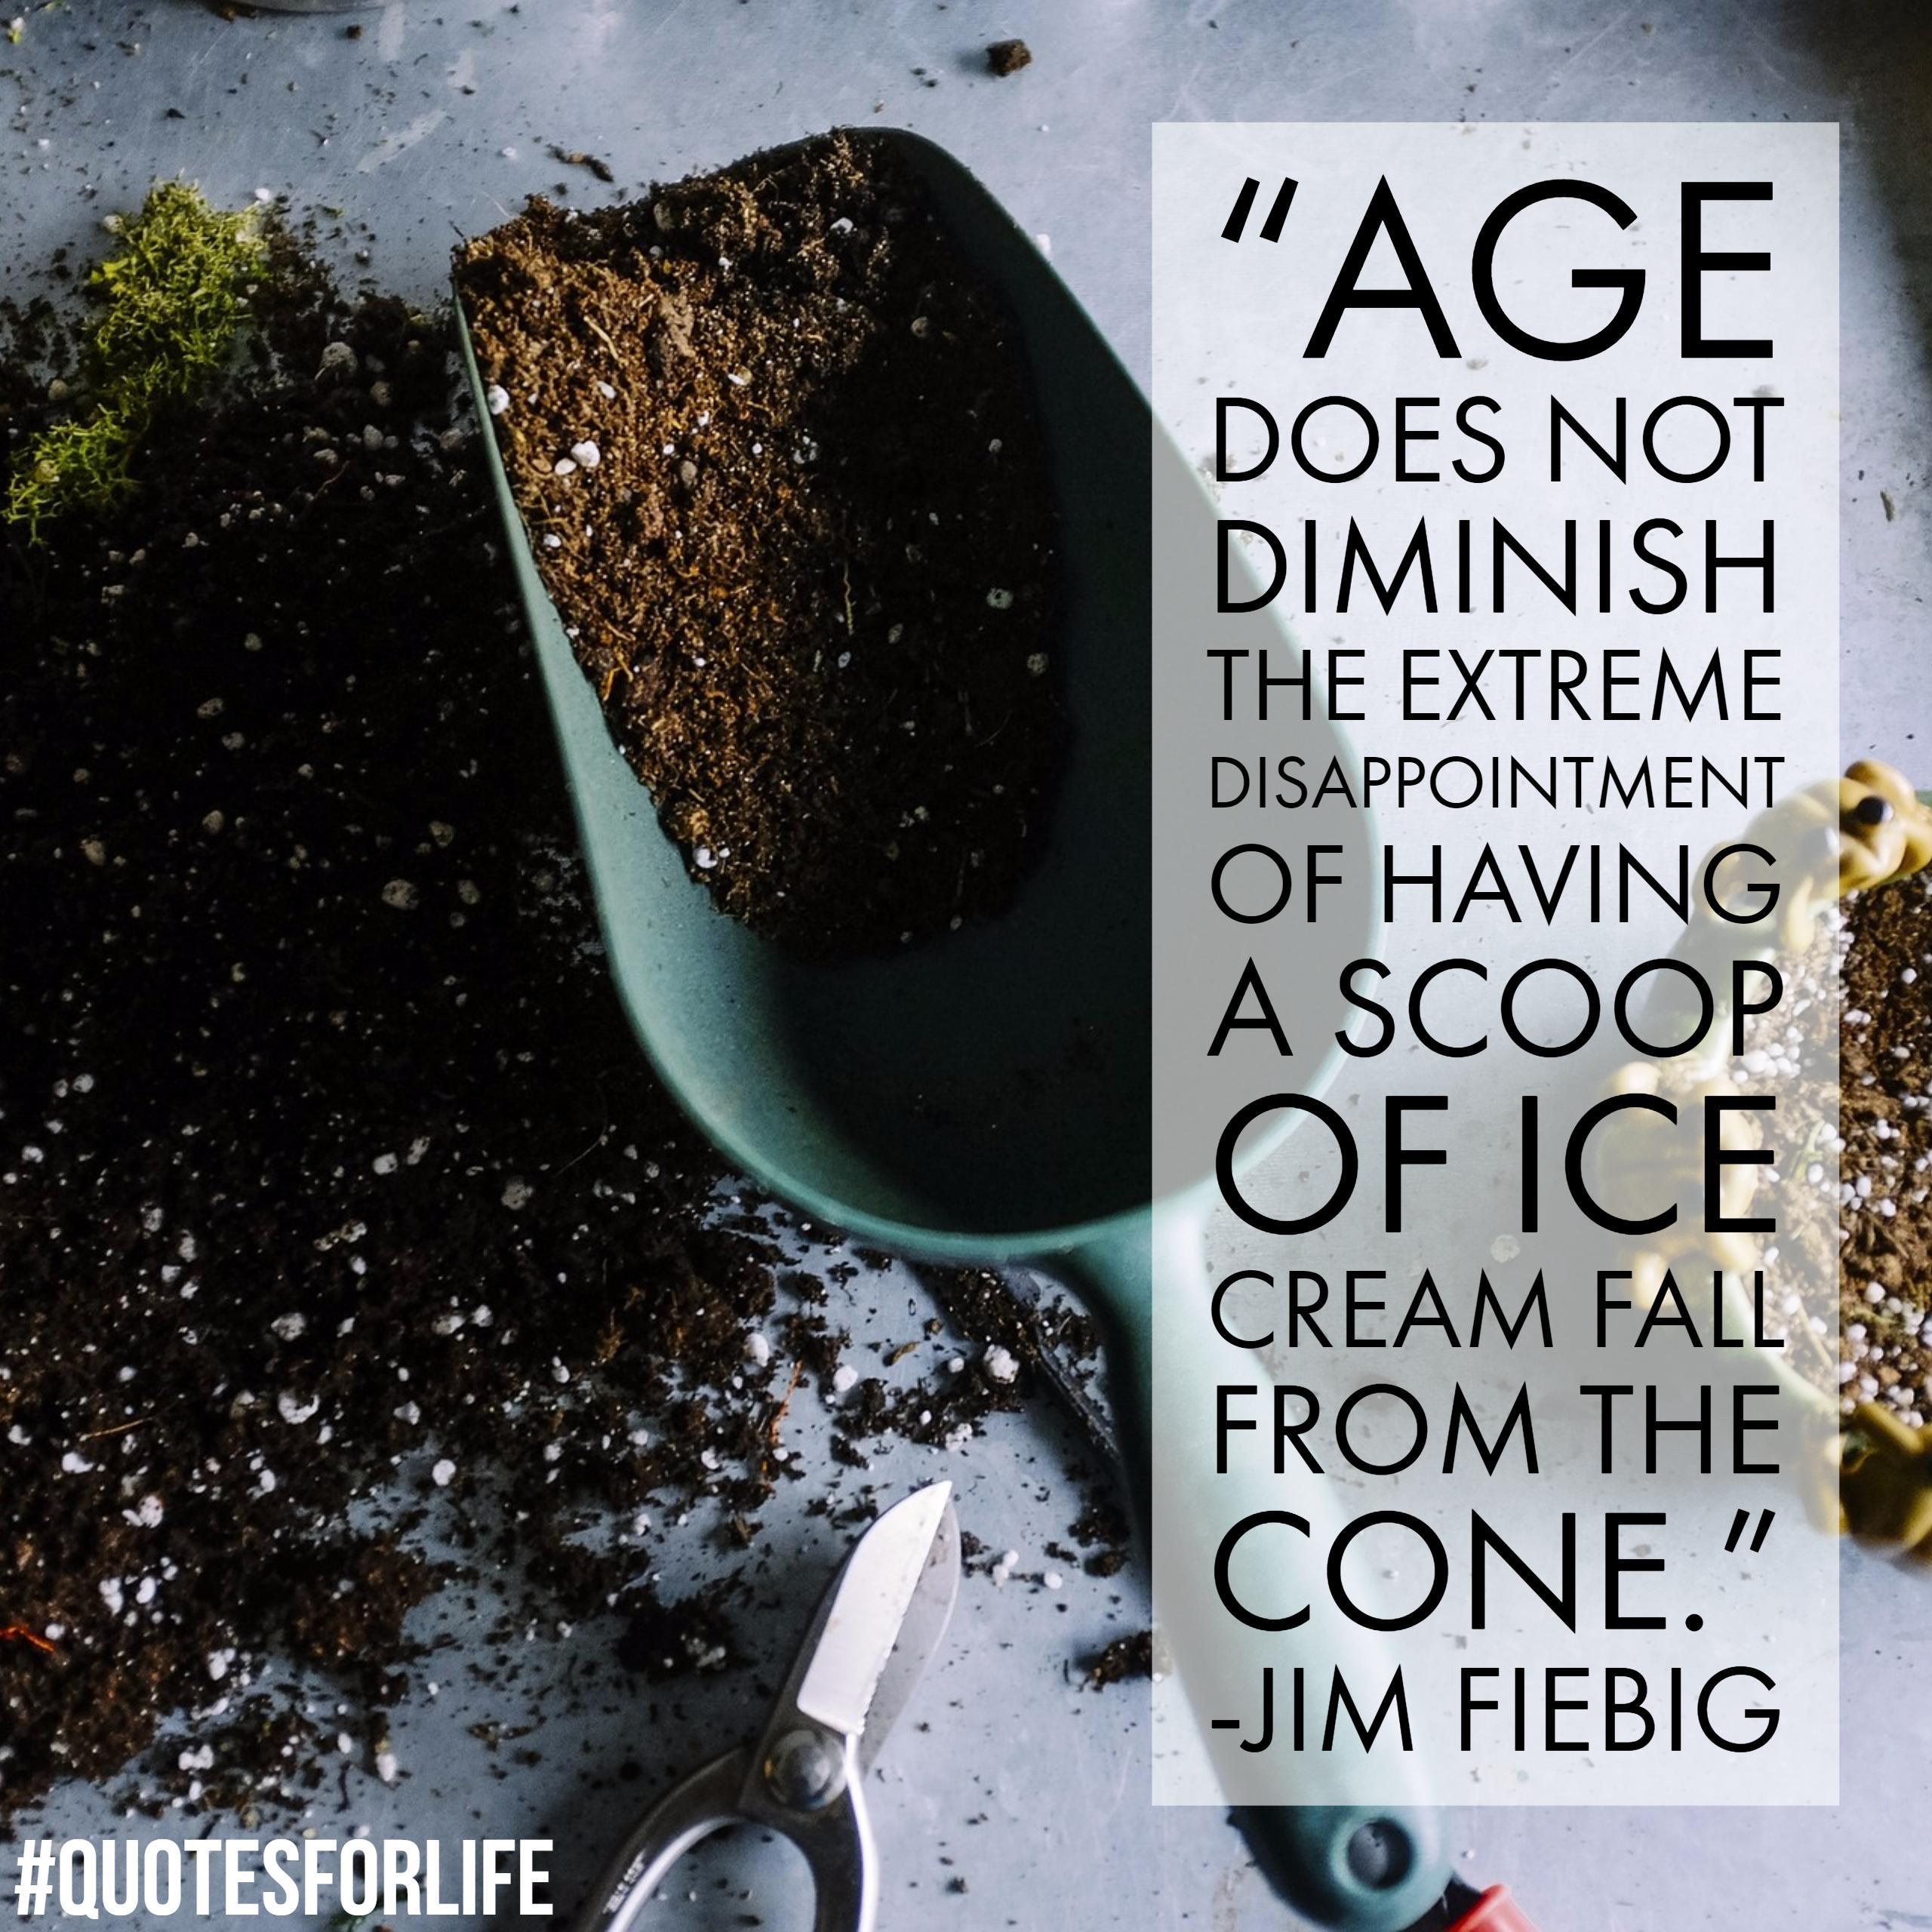 Jim Fiebig